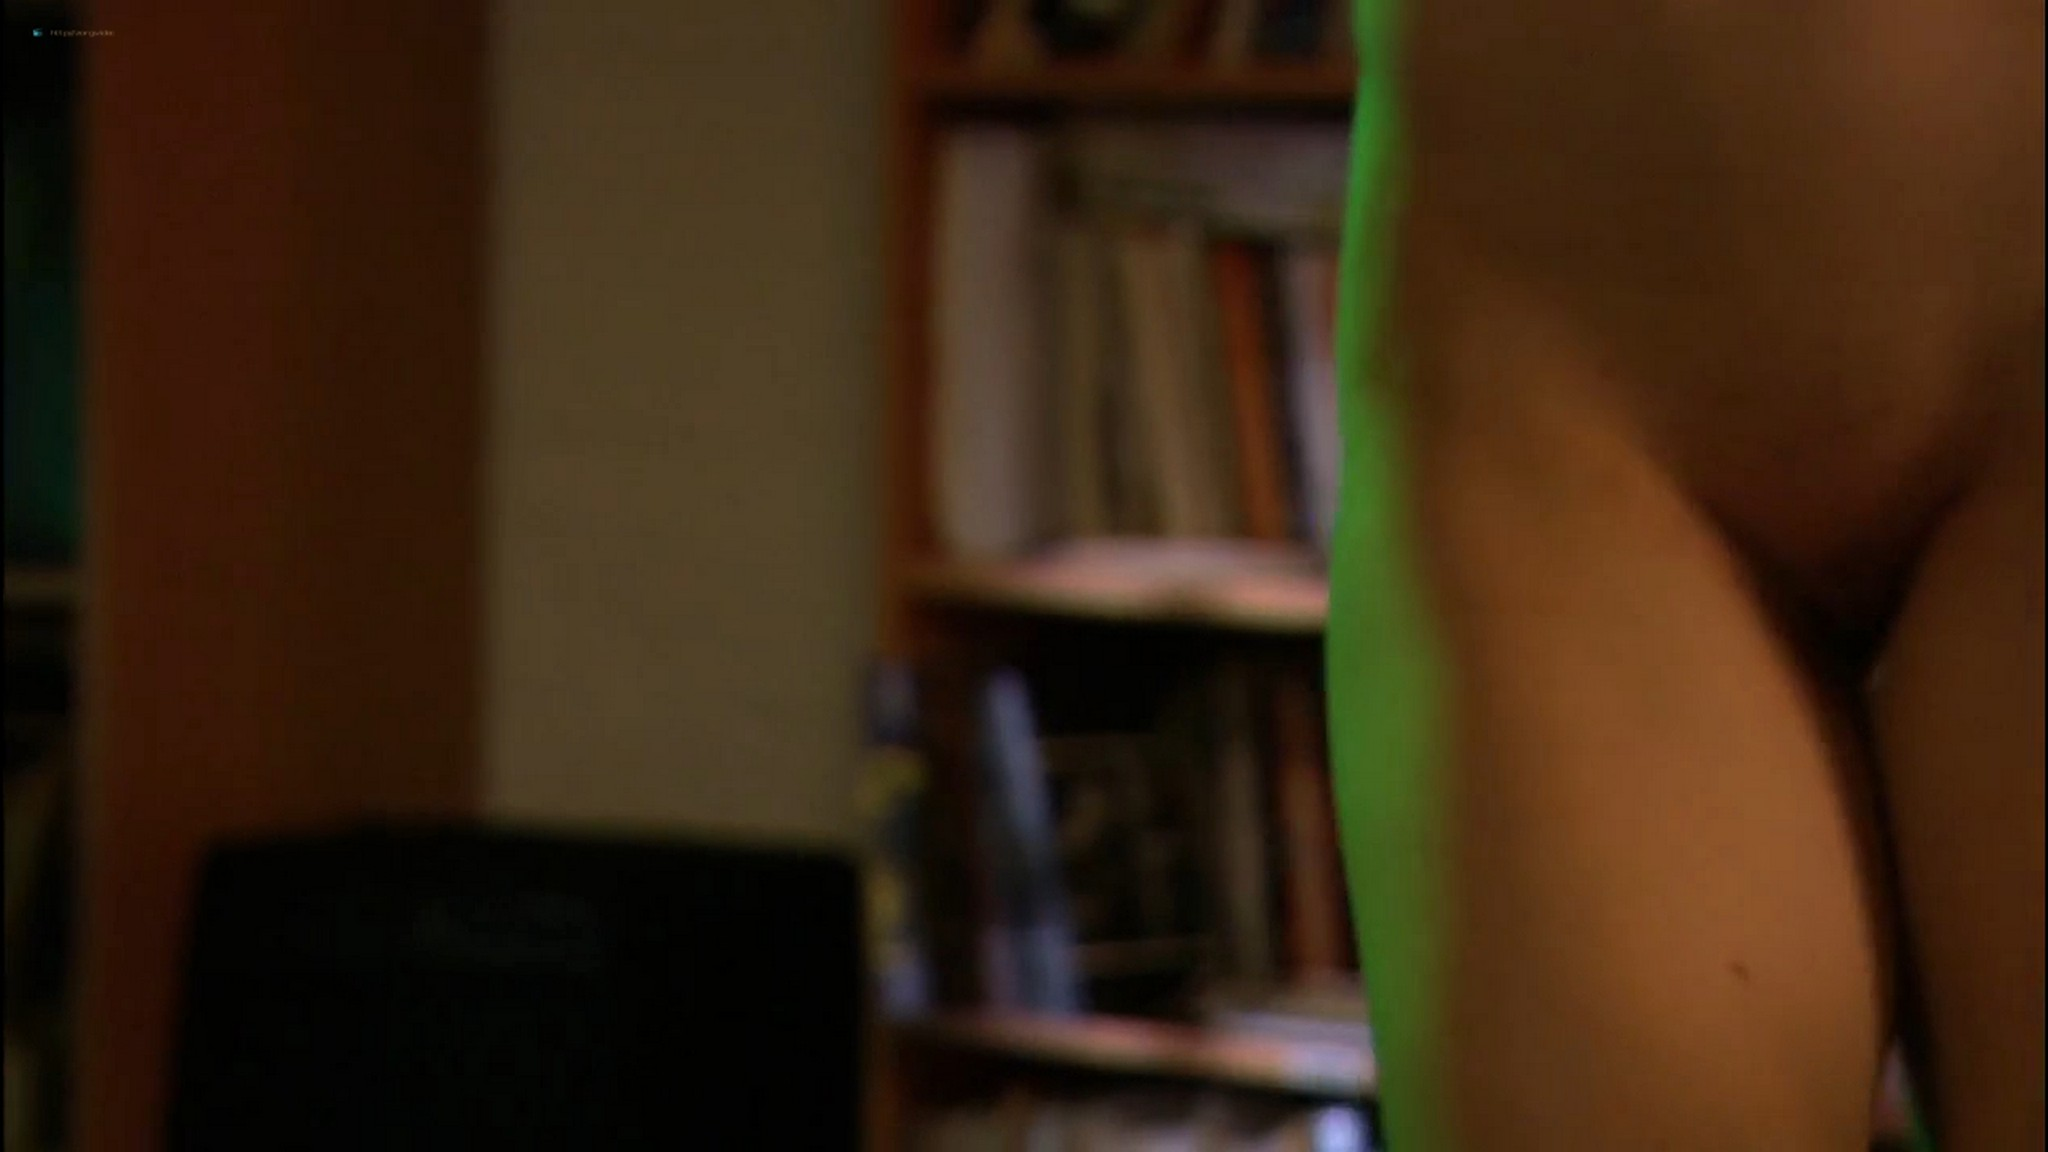 Lana Tailor nude sex, Jessica Vandenberg, Glenda Corneilse nude hot sex- Lingerie (209) s1e7 HD 720